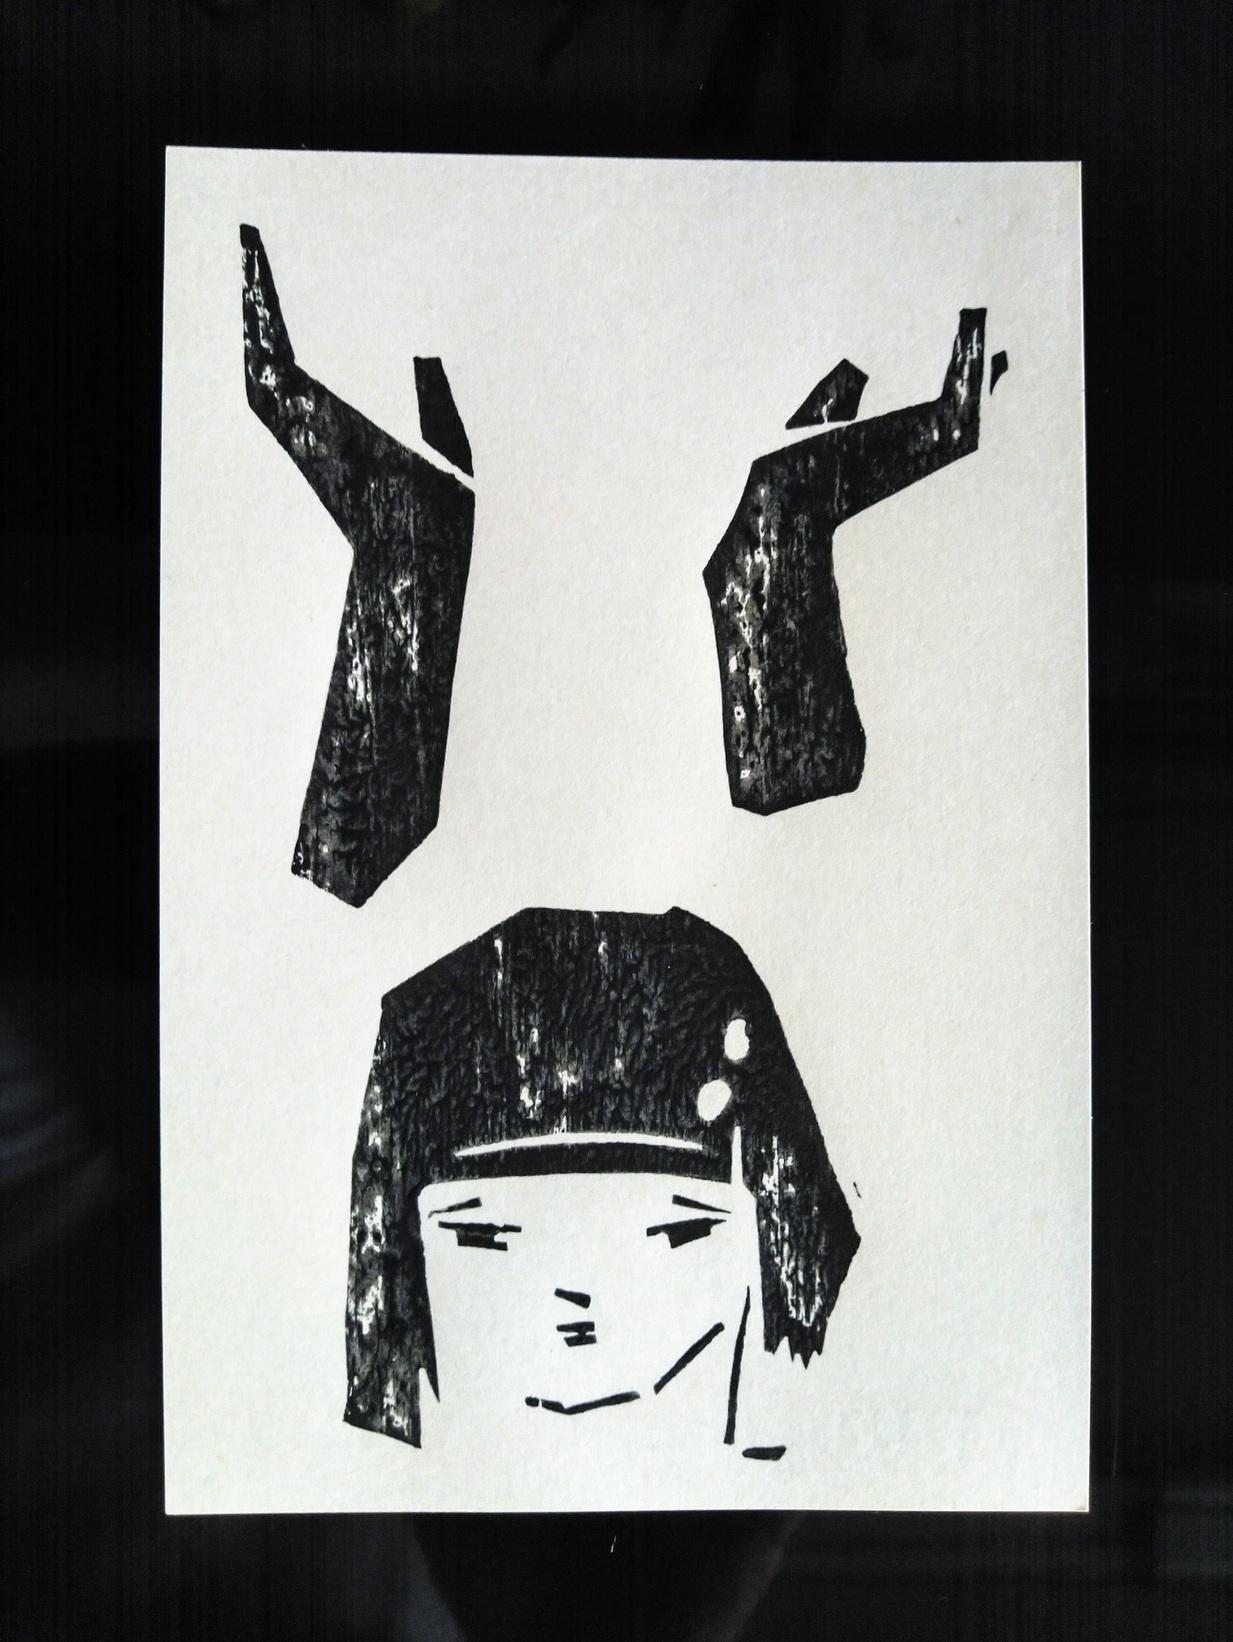 センチメンタルな 青春の記憶(完結編) 木版画_a0212807_20090691.jpg